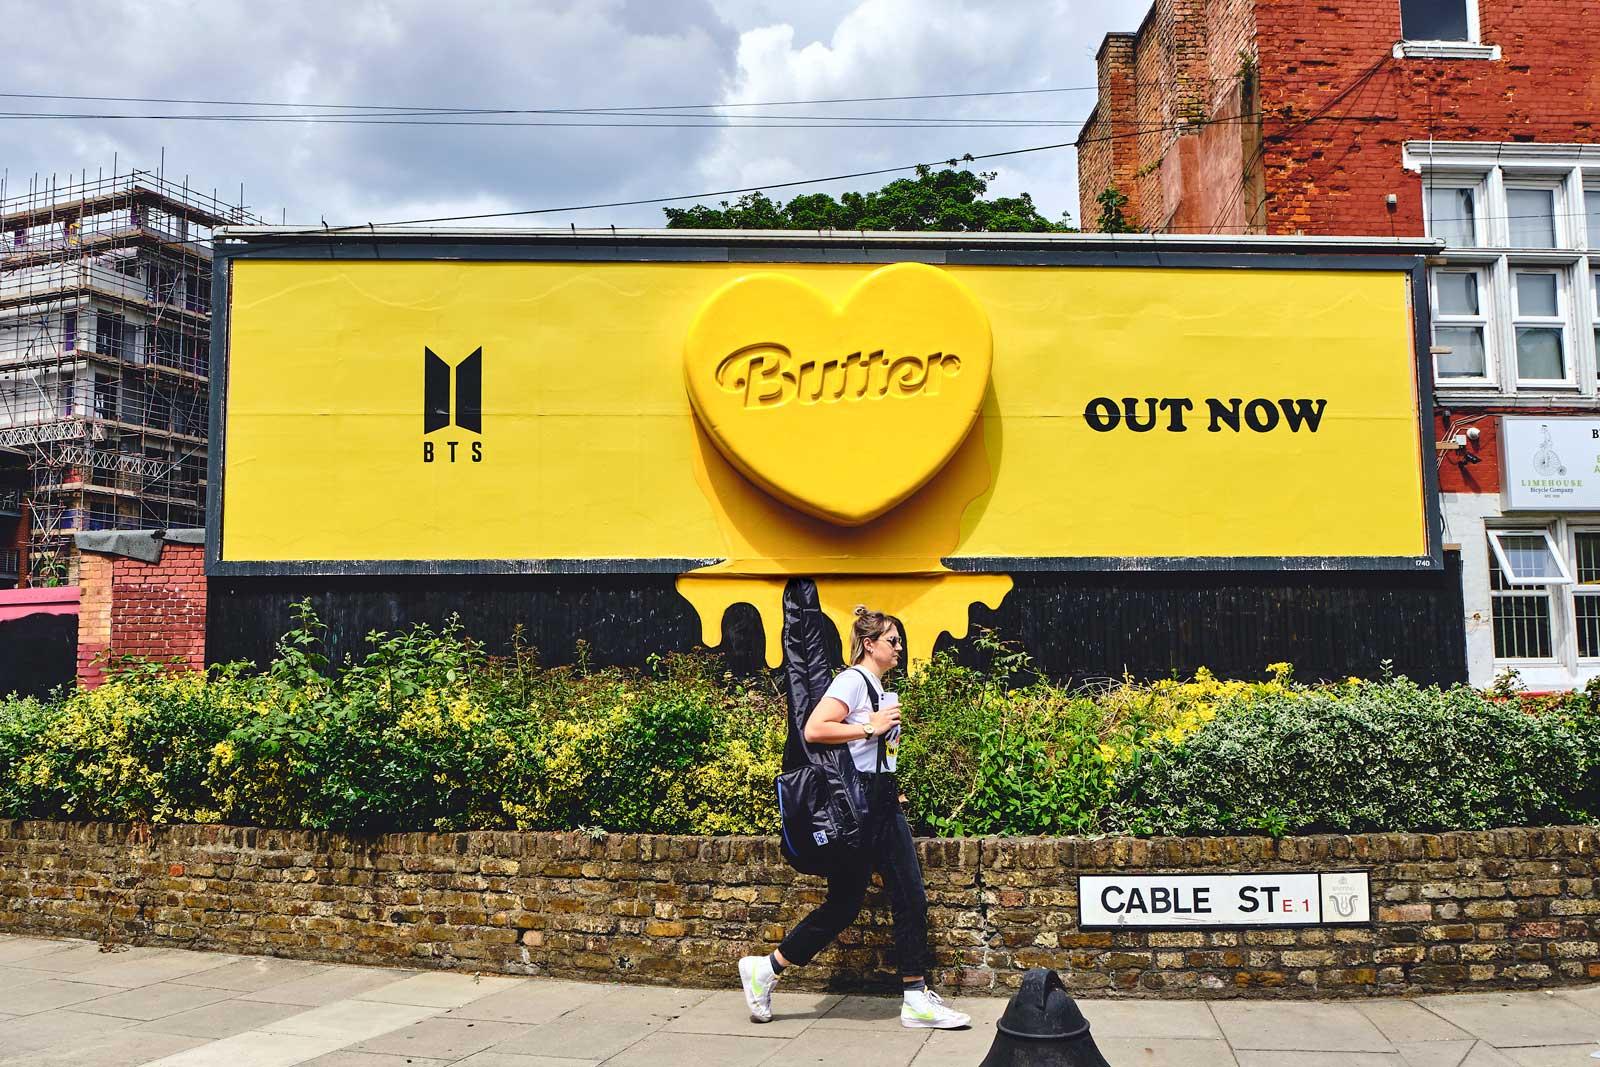 BTS: Butter